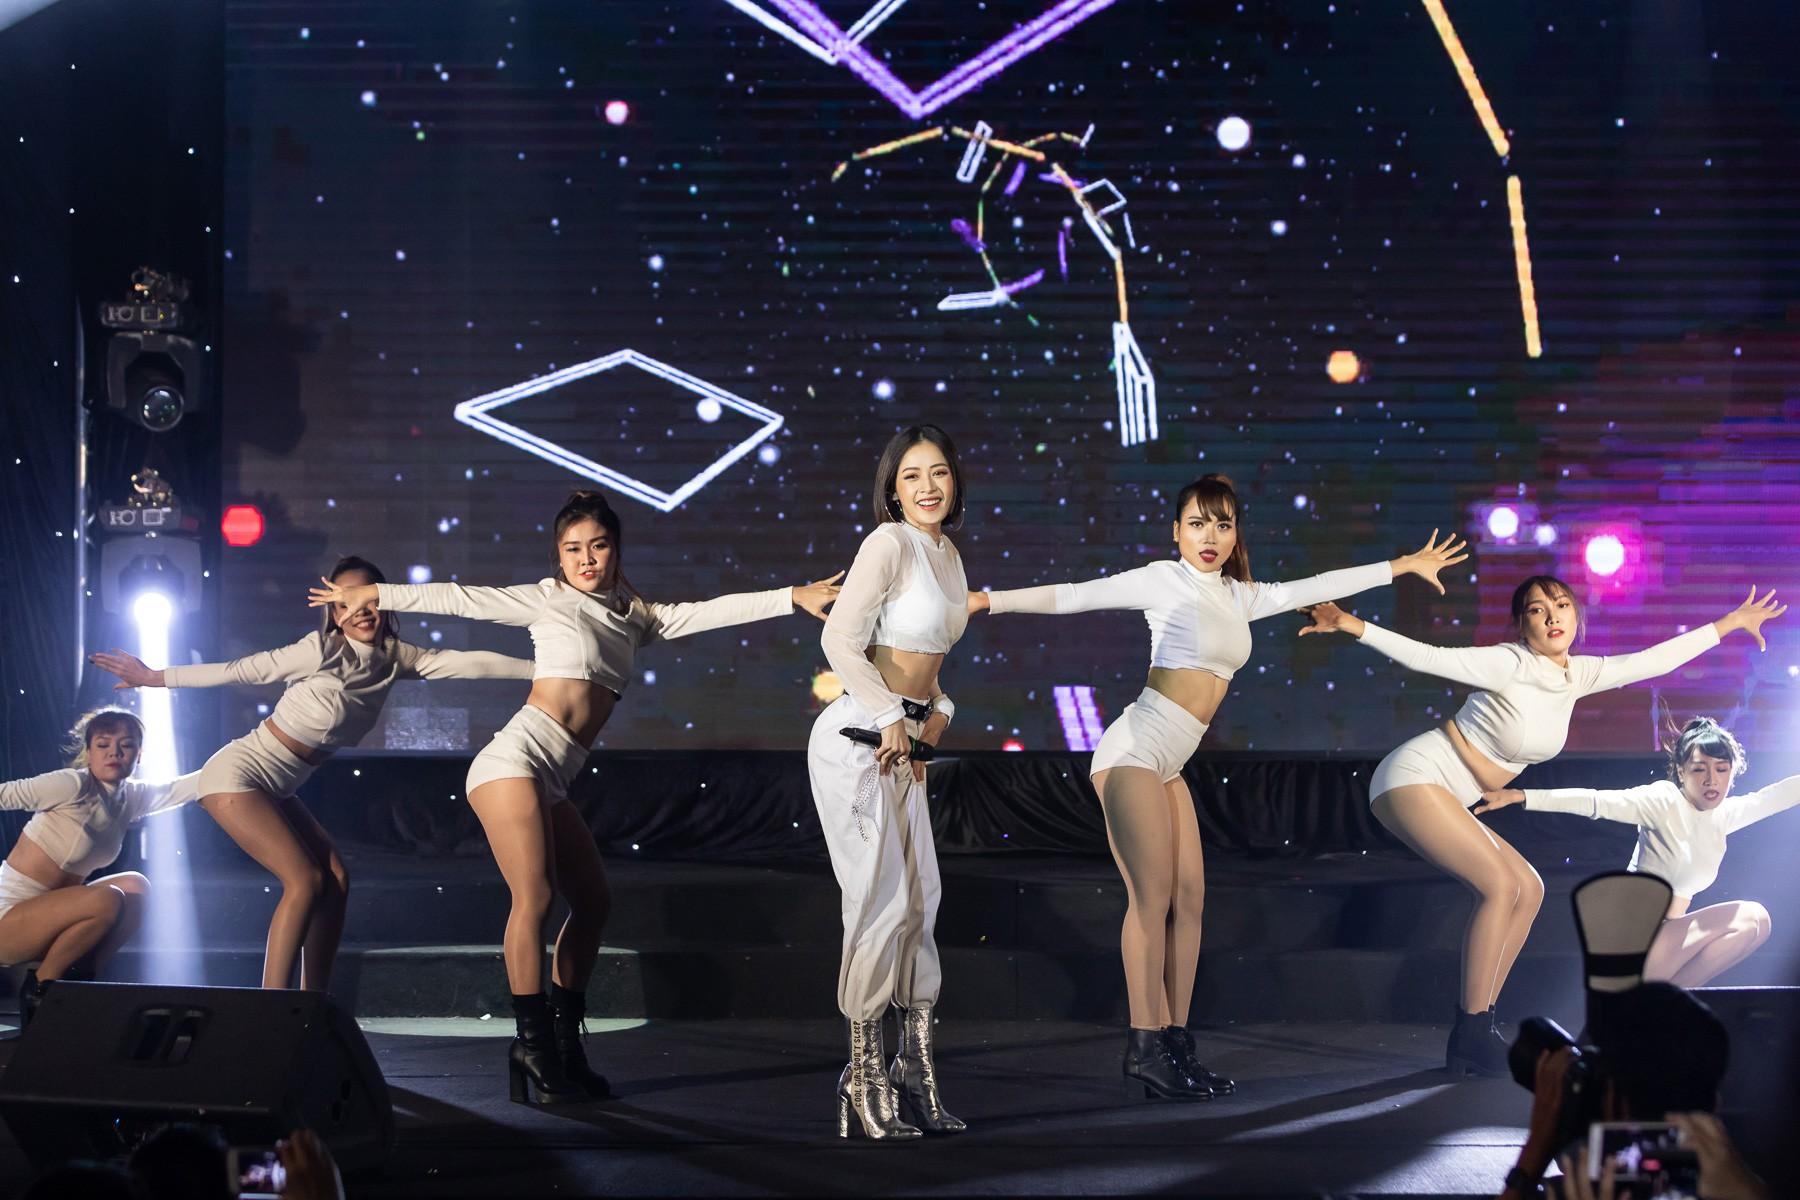 Hết nhảy sexy, bốc lửa, Chi Pu lại hóa thân thành chị Nguyệt thảo mai  - Ảnh 3.